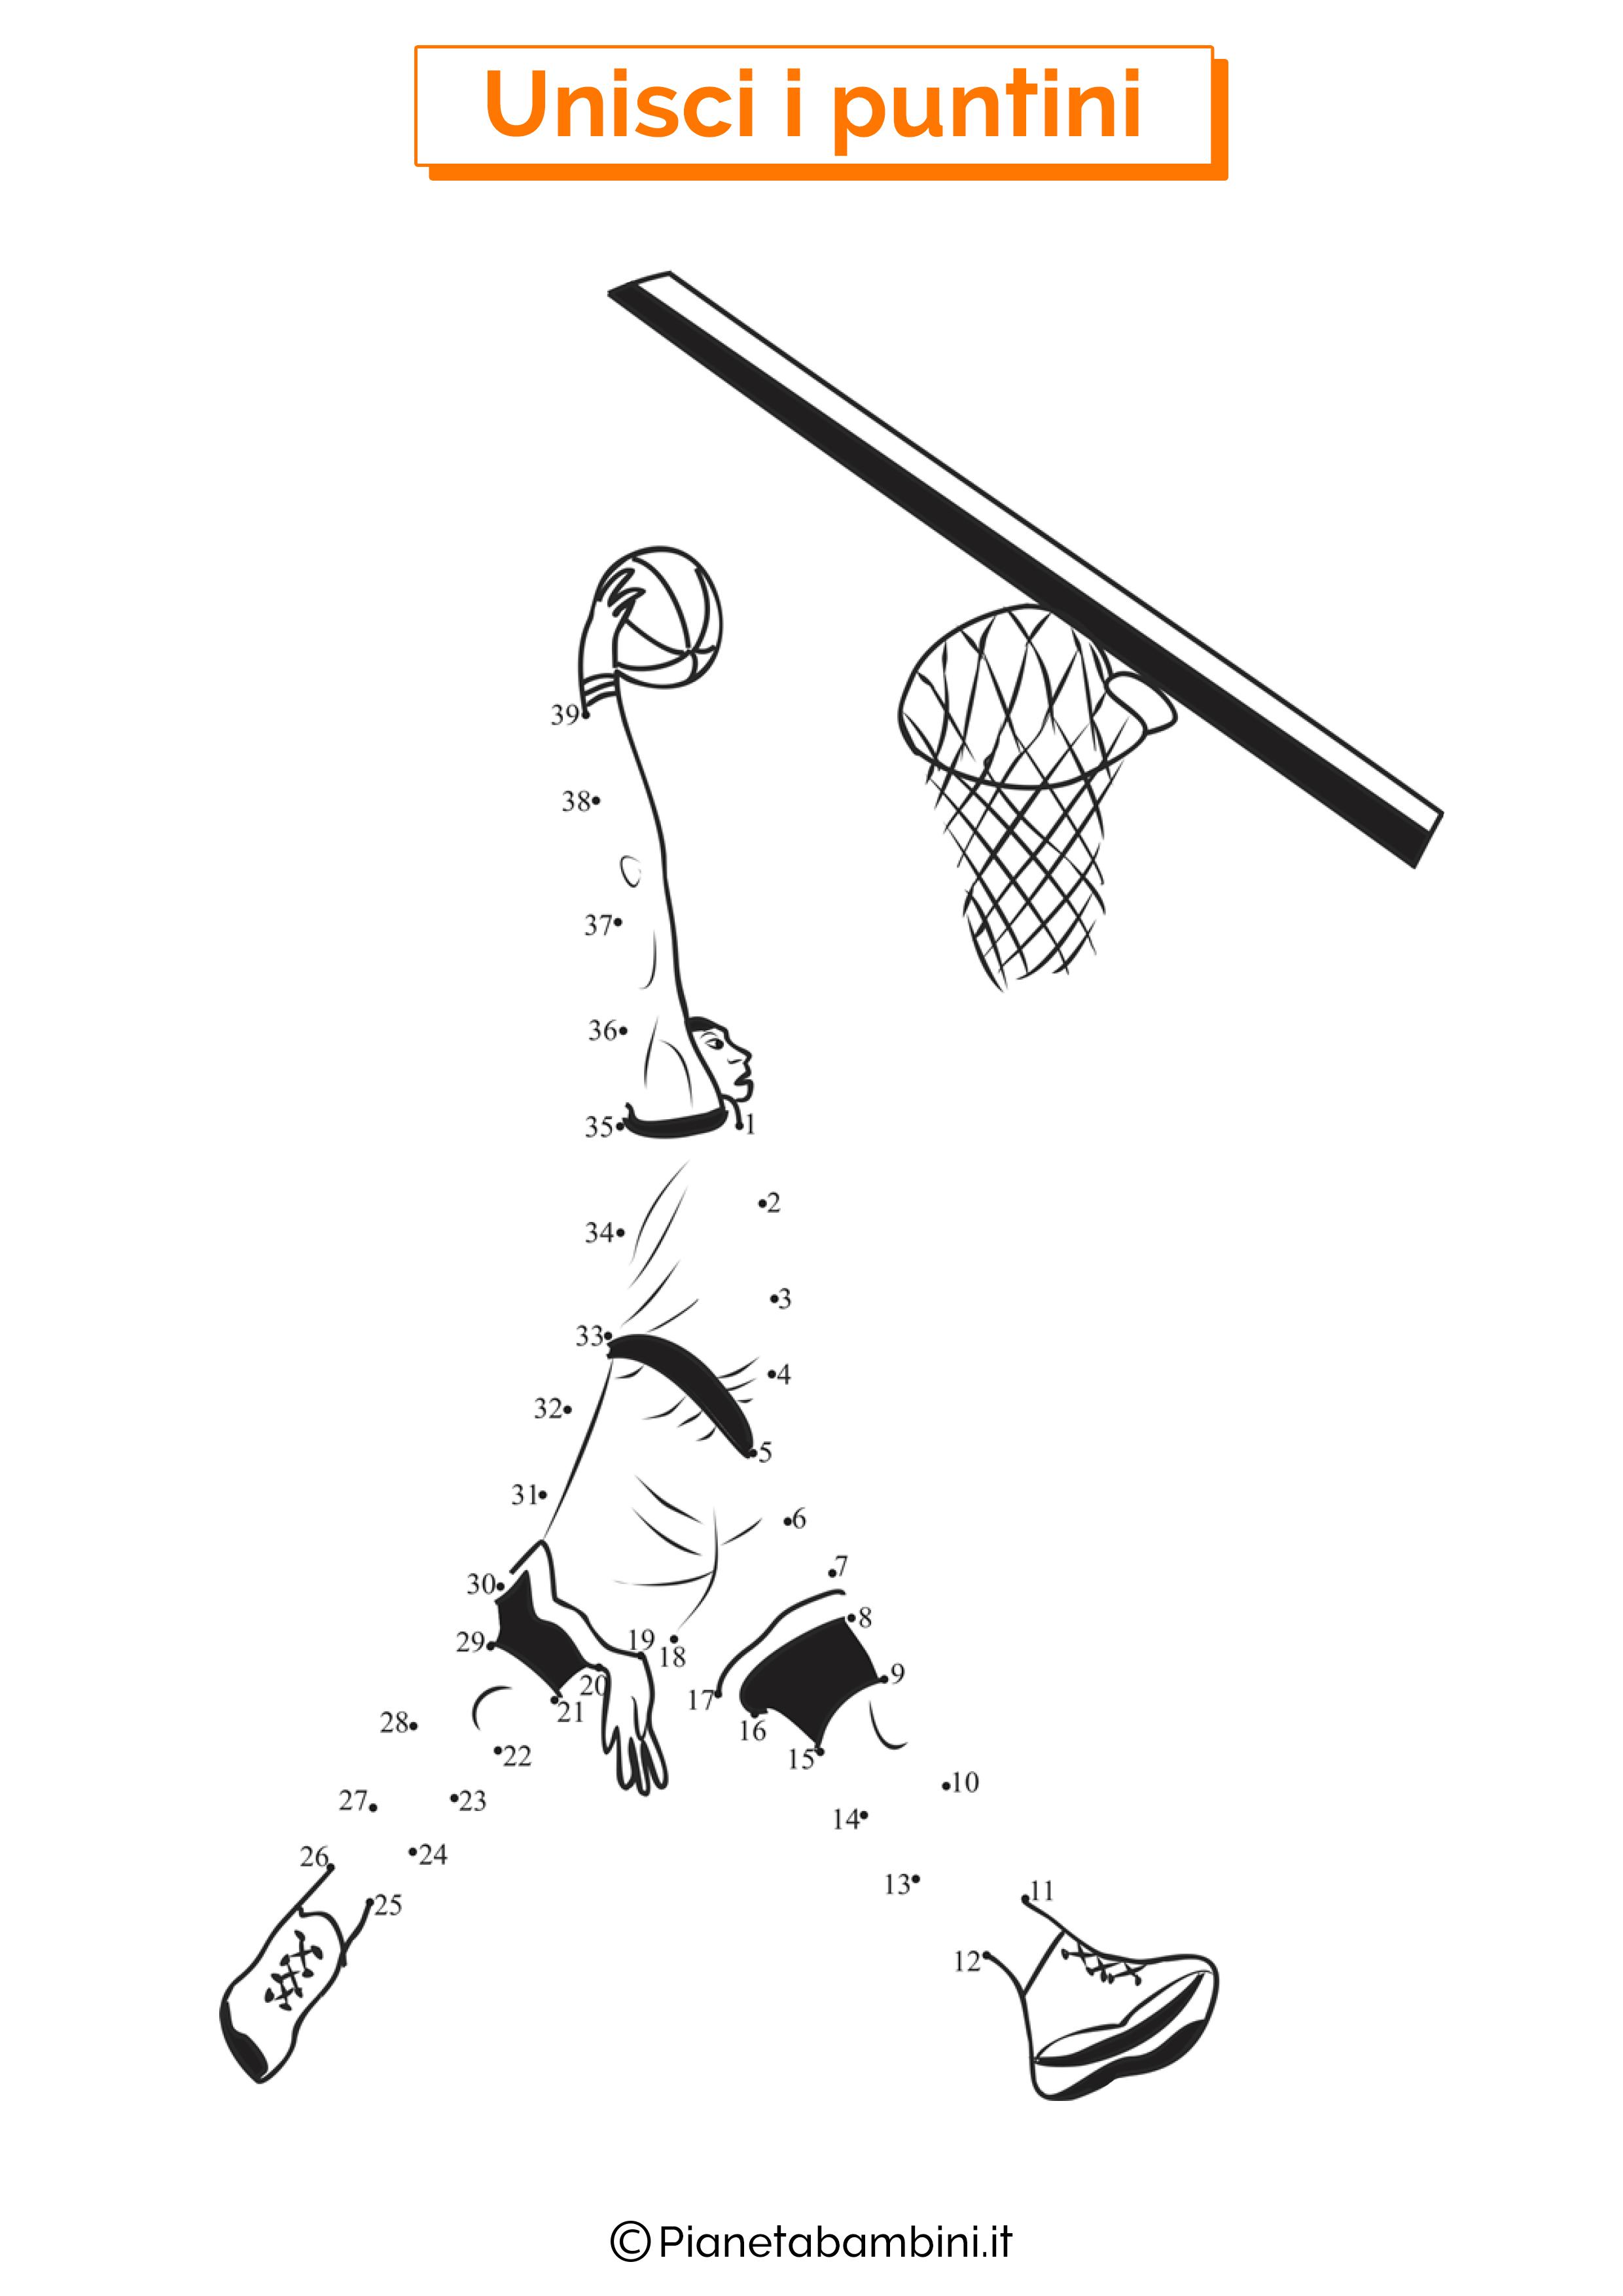 Disegno unisci i puntini basket